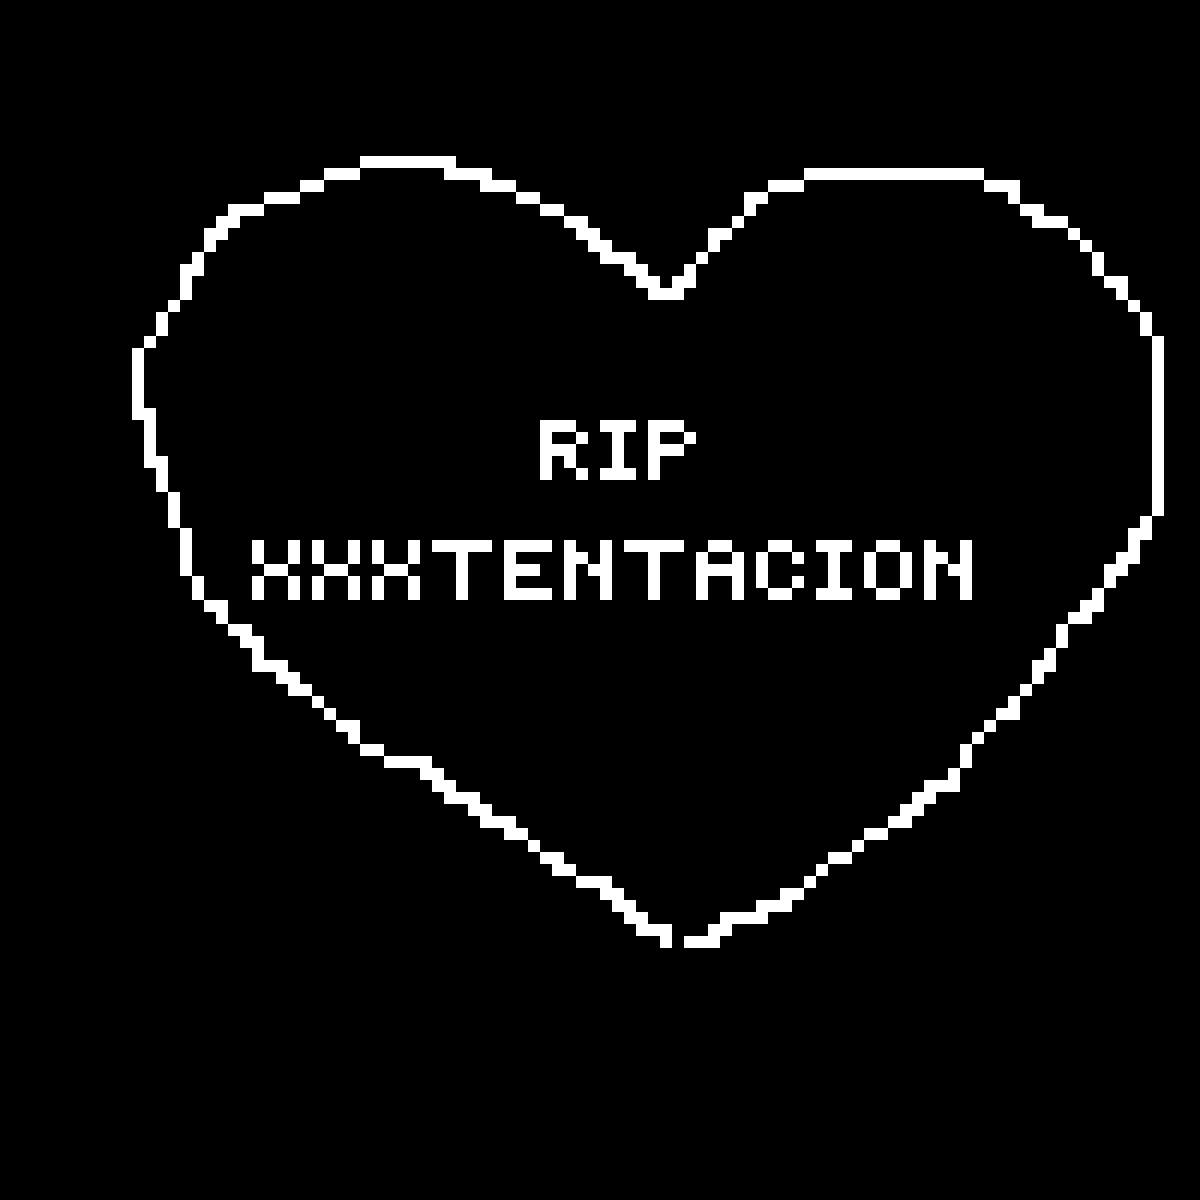 R.I.P. xxxtentacion by MiracleMerch